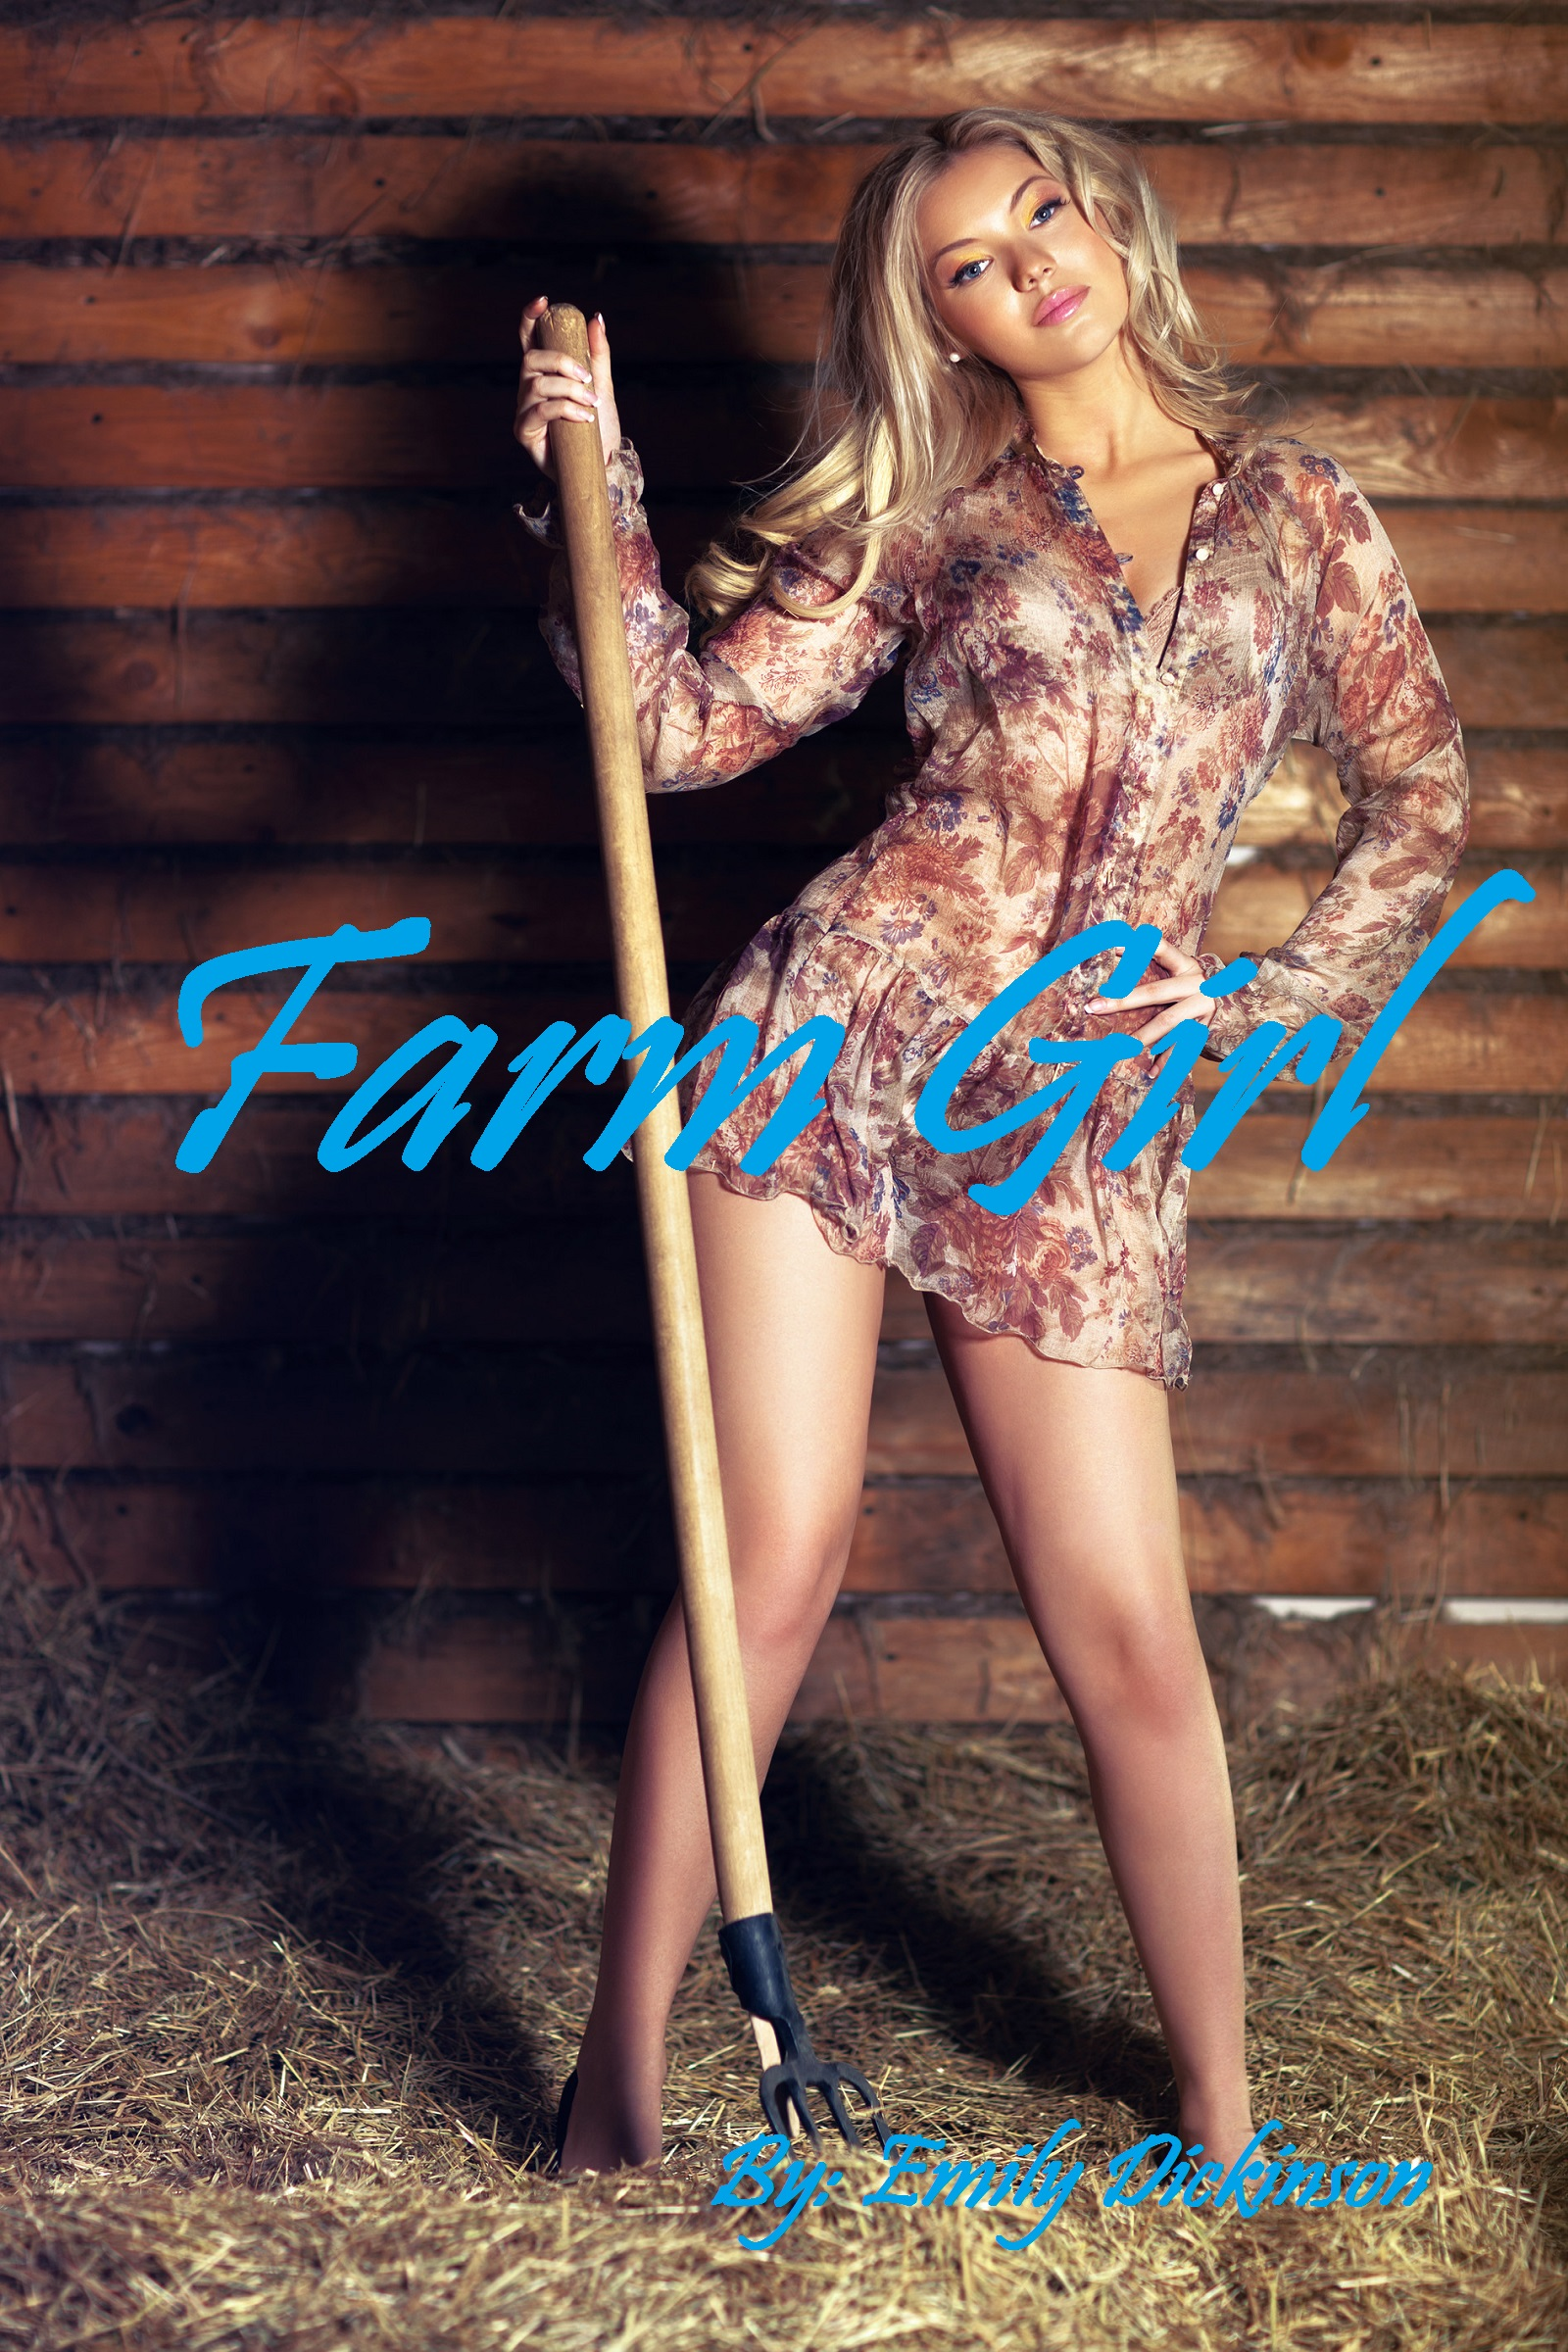 Фермер сеновал грудастая 9 фотография